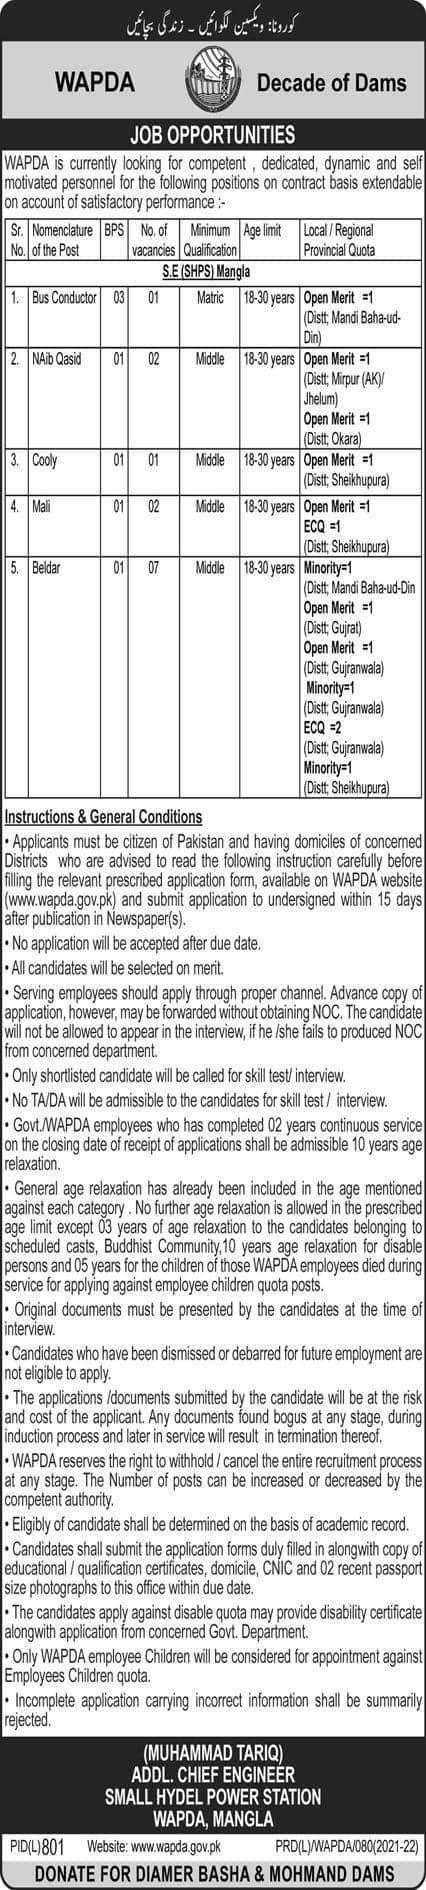 WAPDA online apply